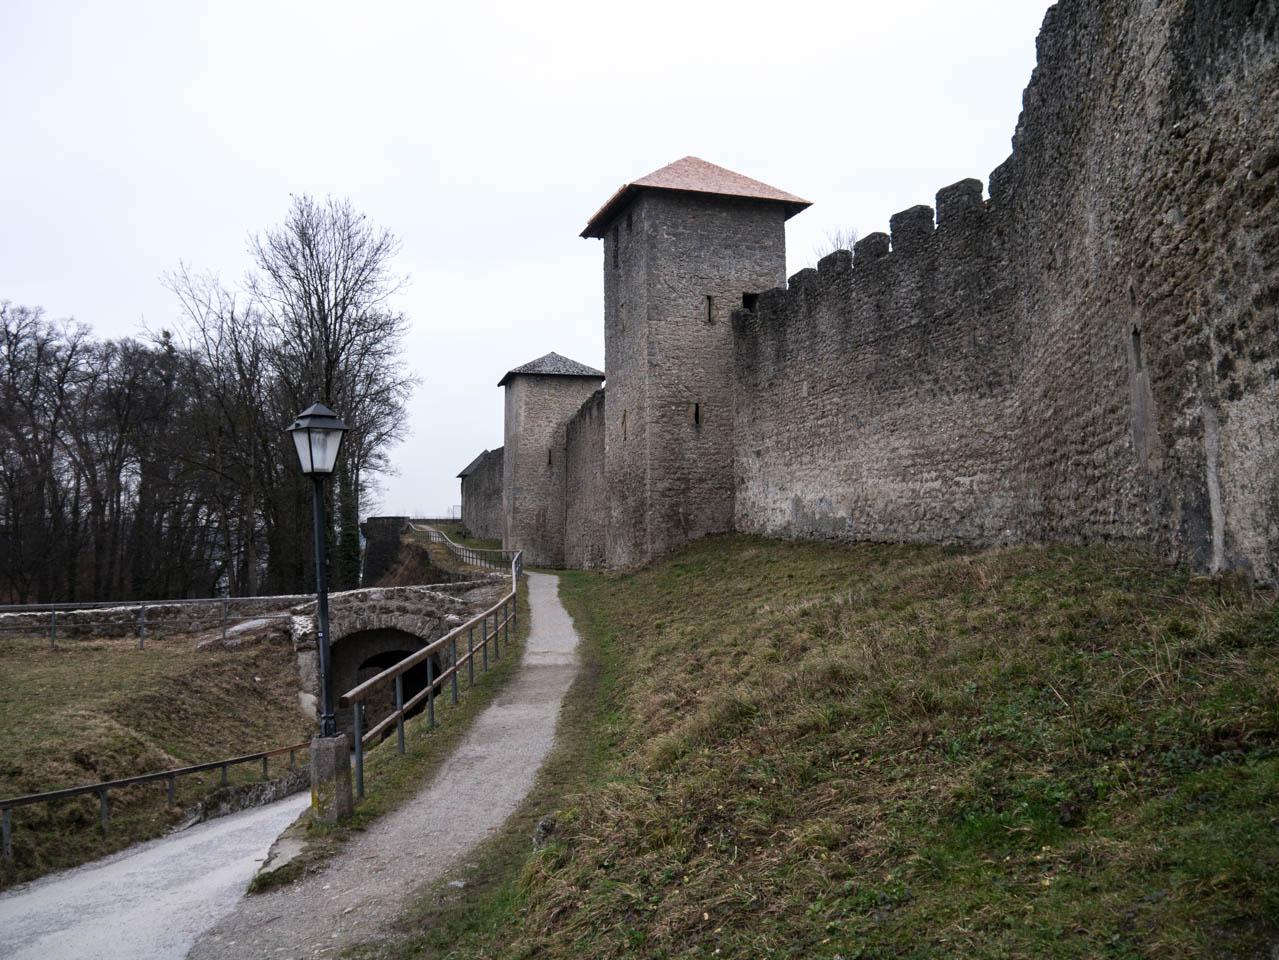 Altes Mauerwerk (1 von 1)